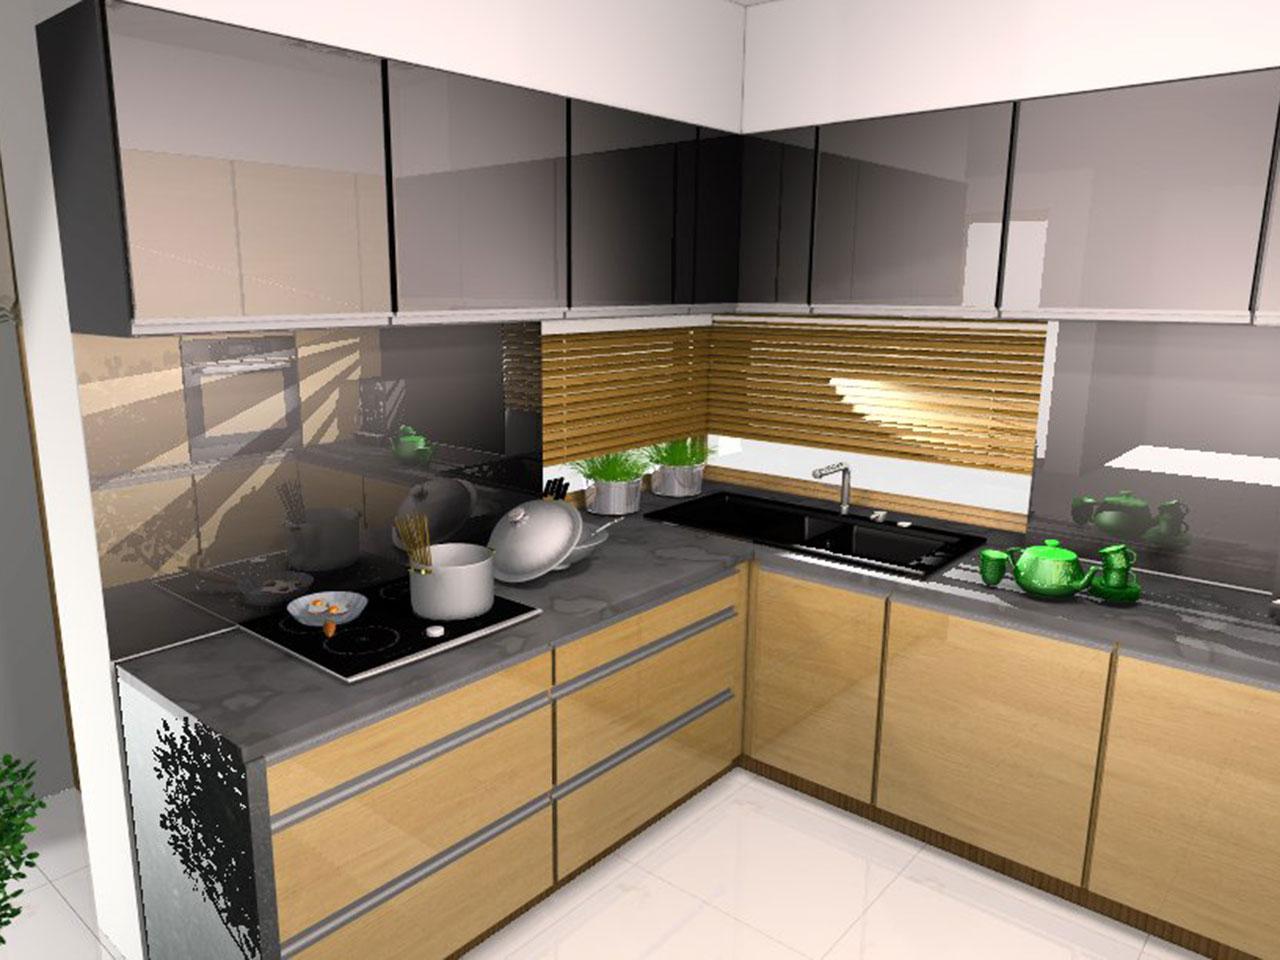 Kuchnia W Odcieniu Szarosci Z Akcentem Koloru Drewna Mobiliani